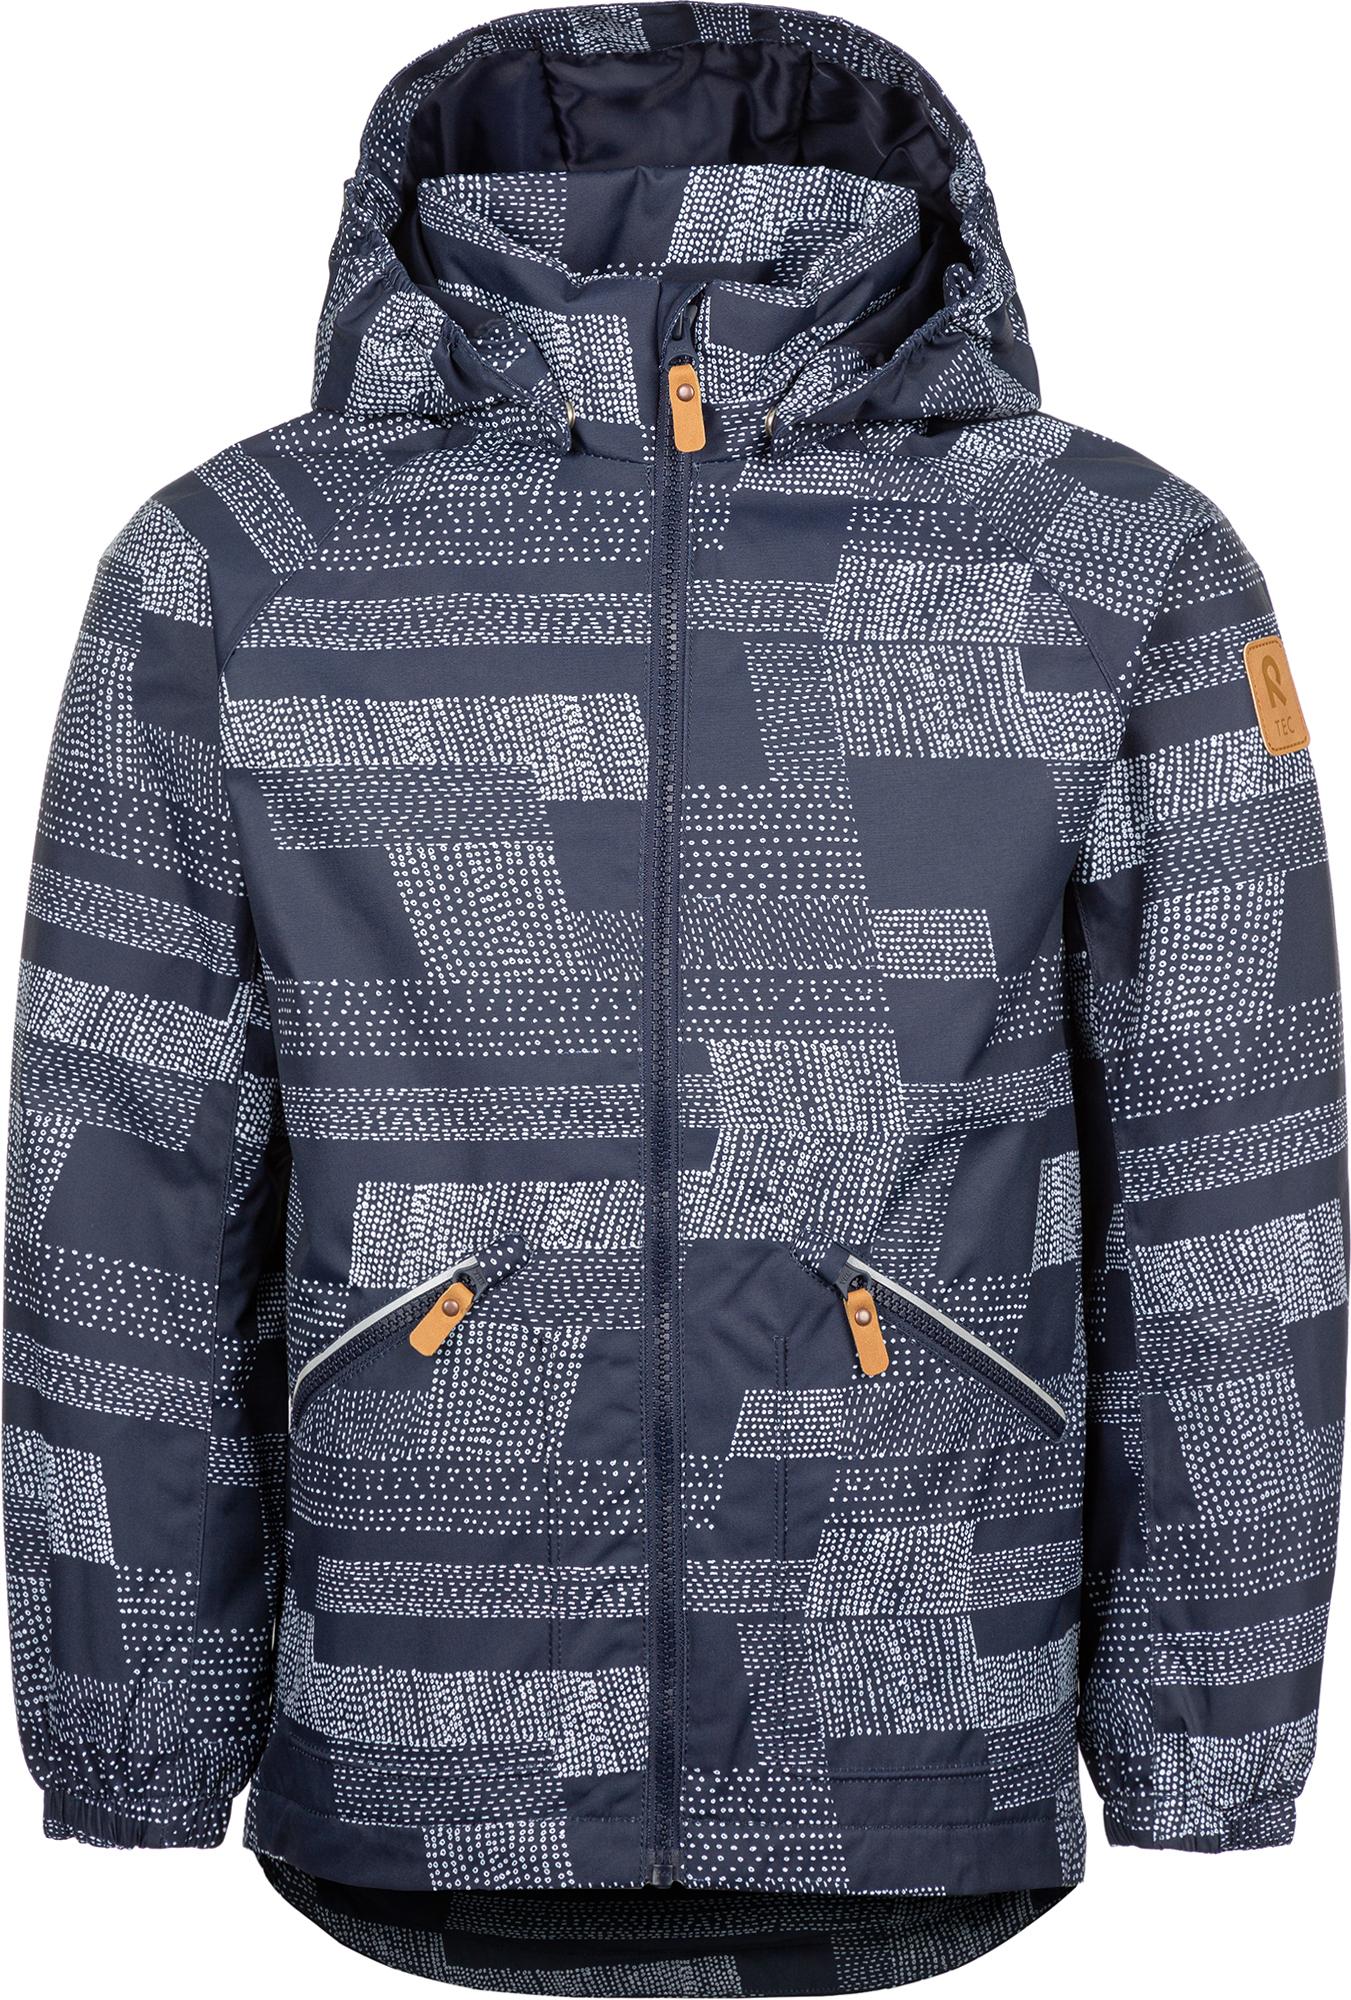 Reima Куртка утепленная для мальчиков Reima Finbo, размер 140 цена